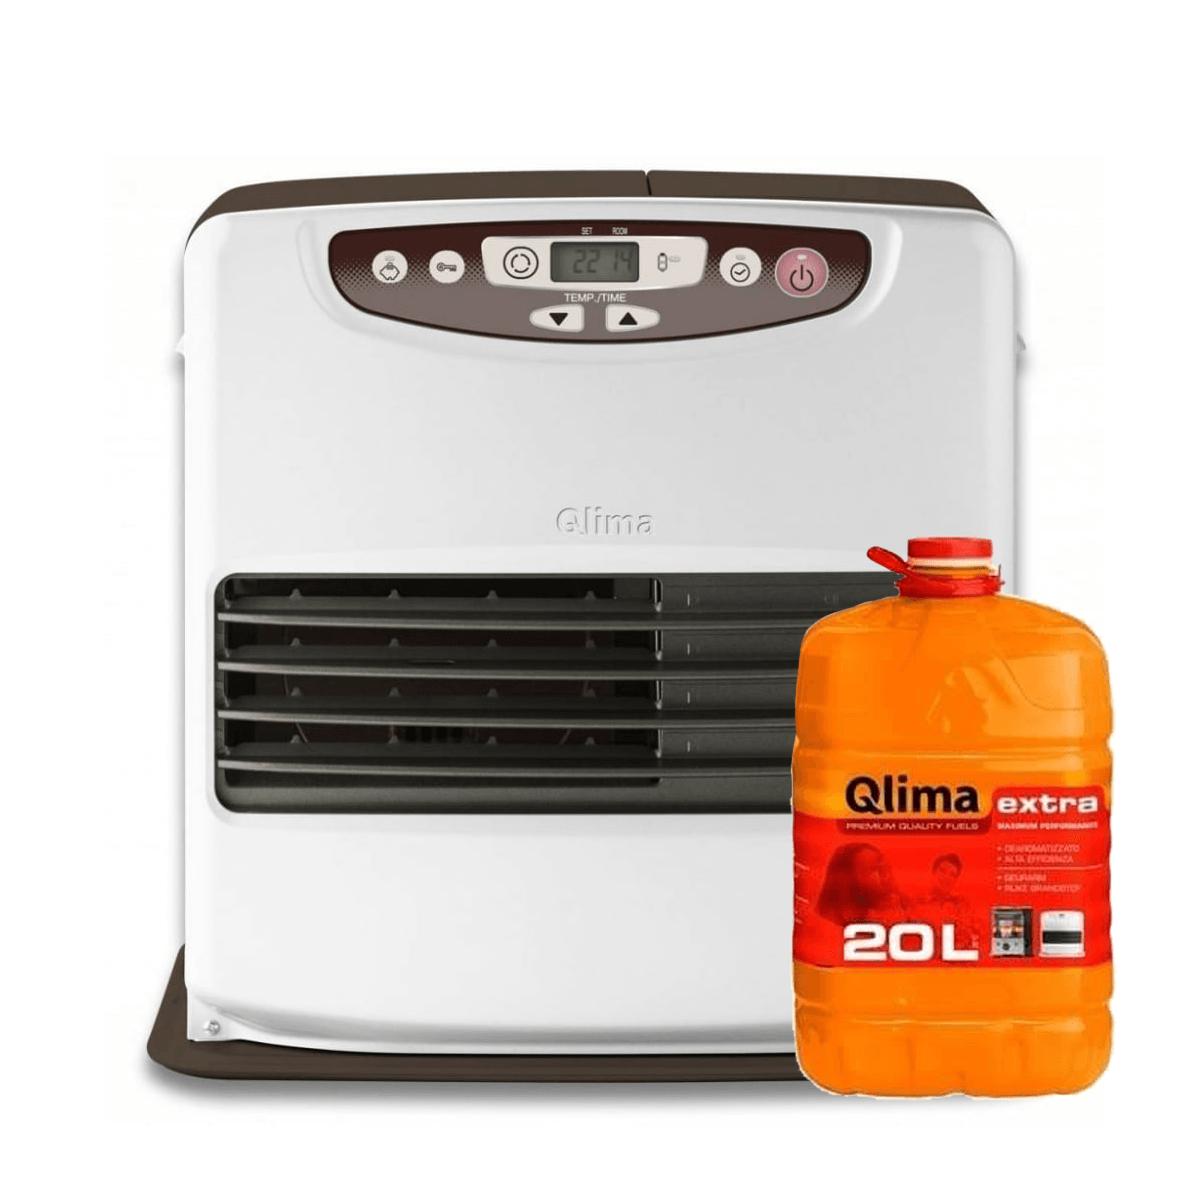 Qlima SRE 9046C + Gratis 20 Ltr Extra Brandstof